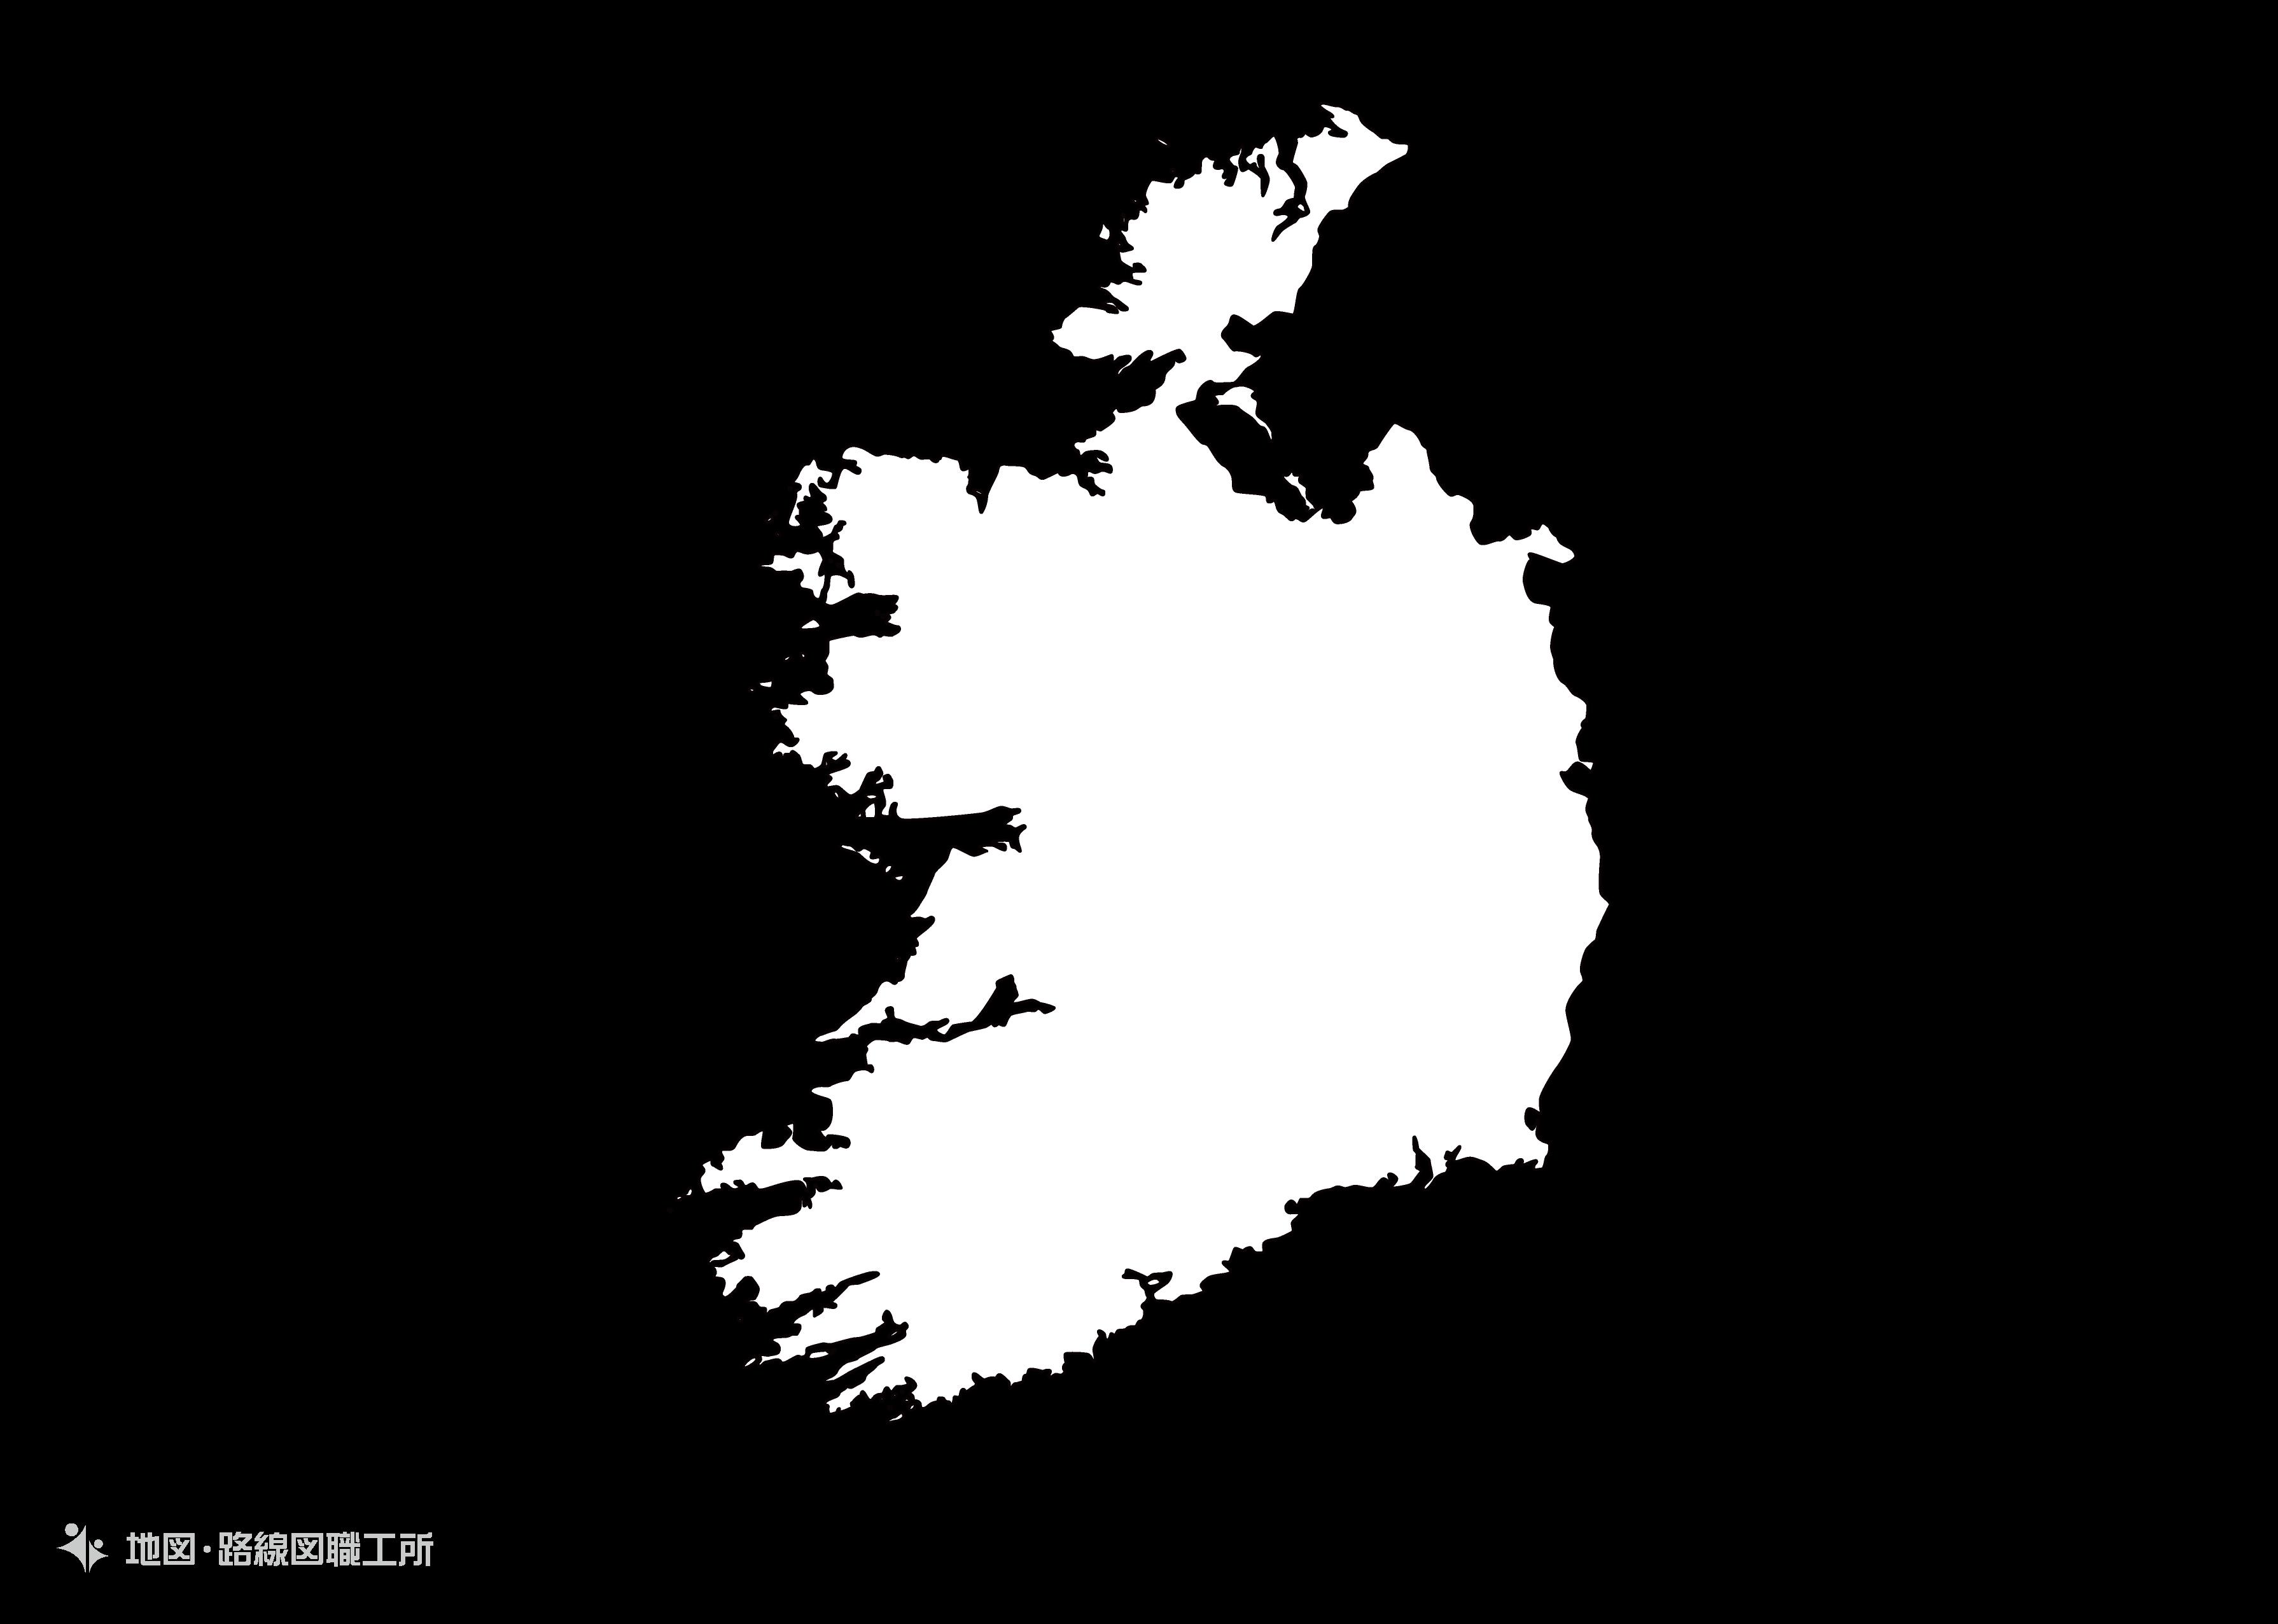 世界の白地図 アイルランド republic-of-albania map